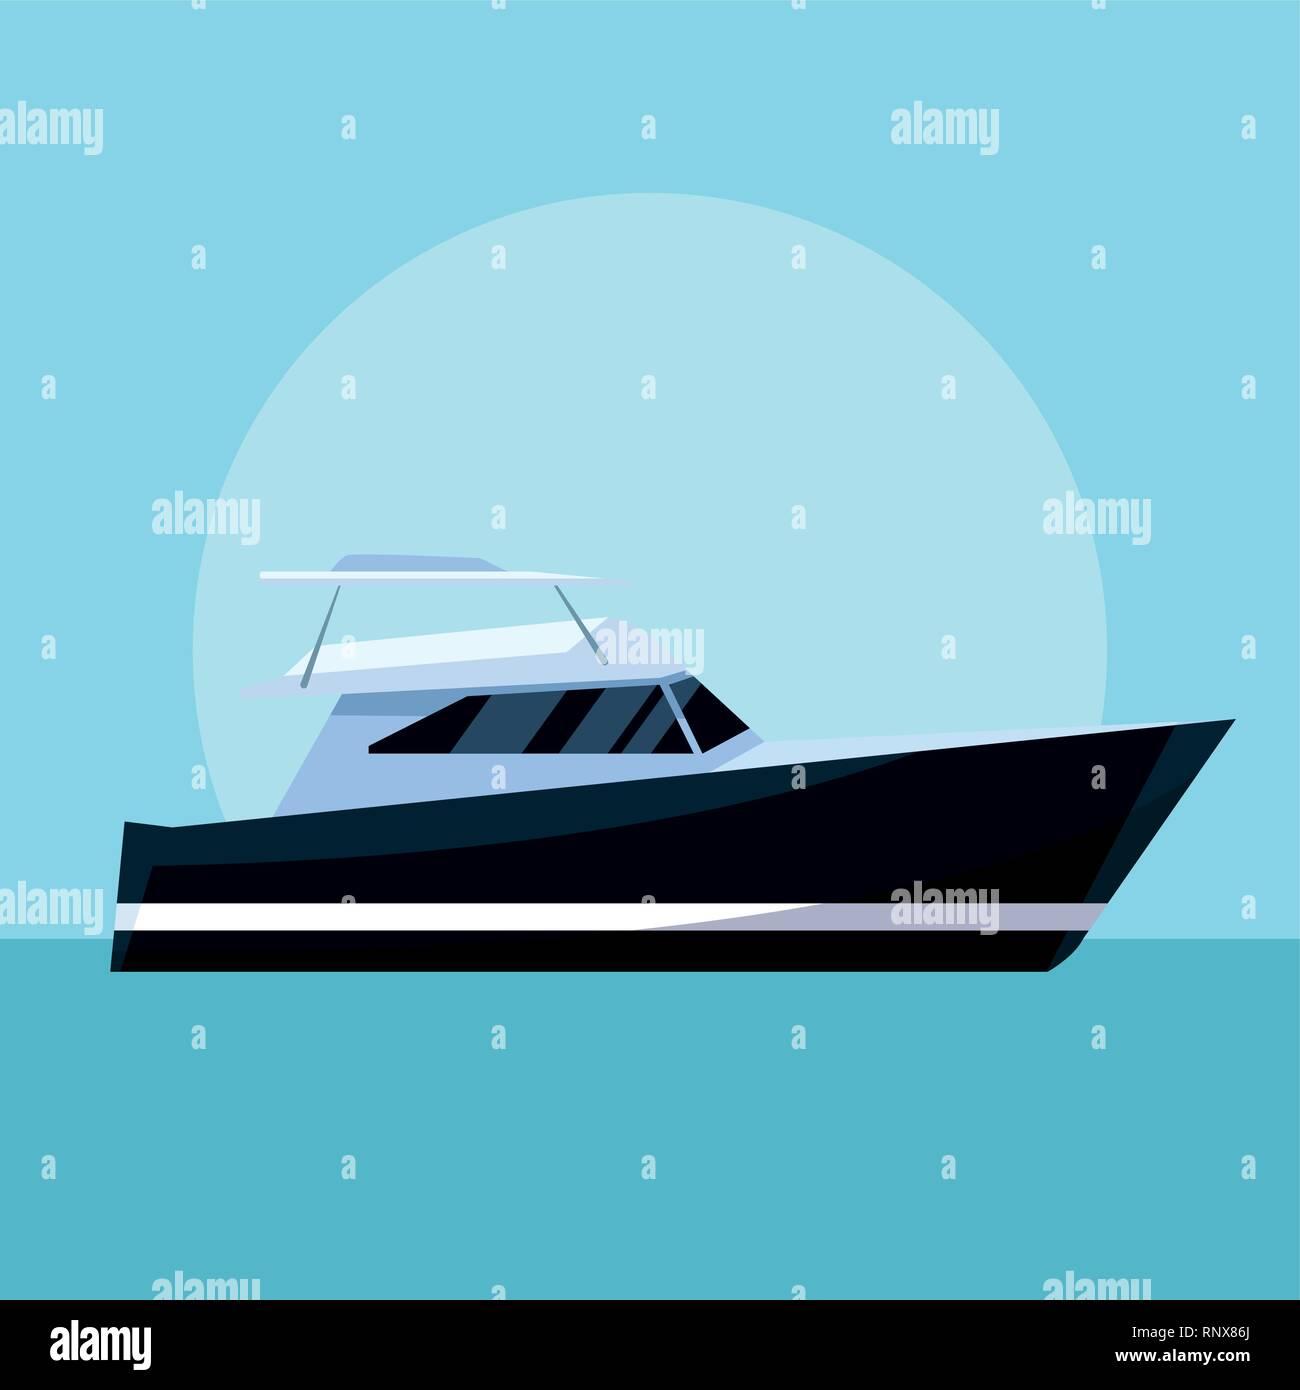 yacht boat cartoon - Stock Image